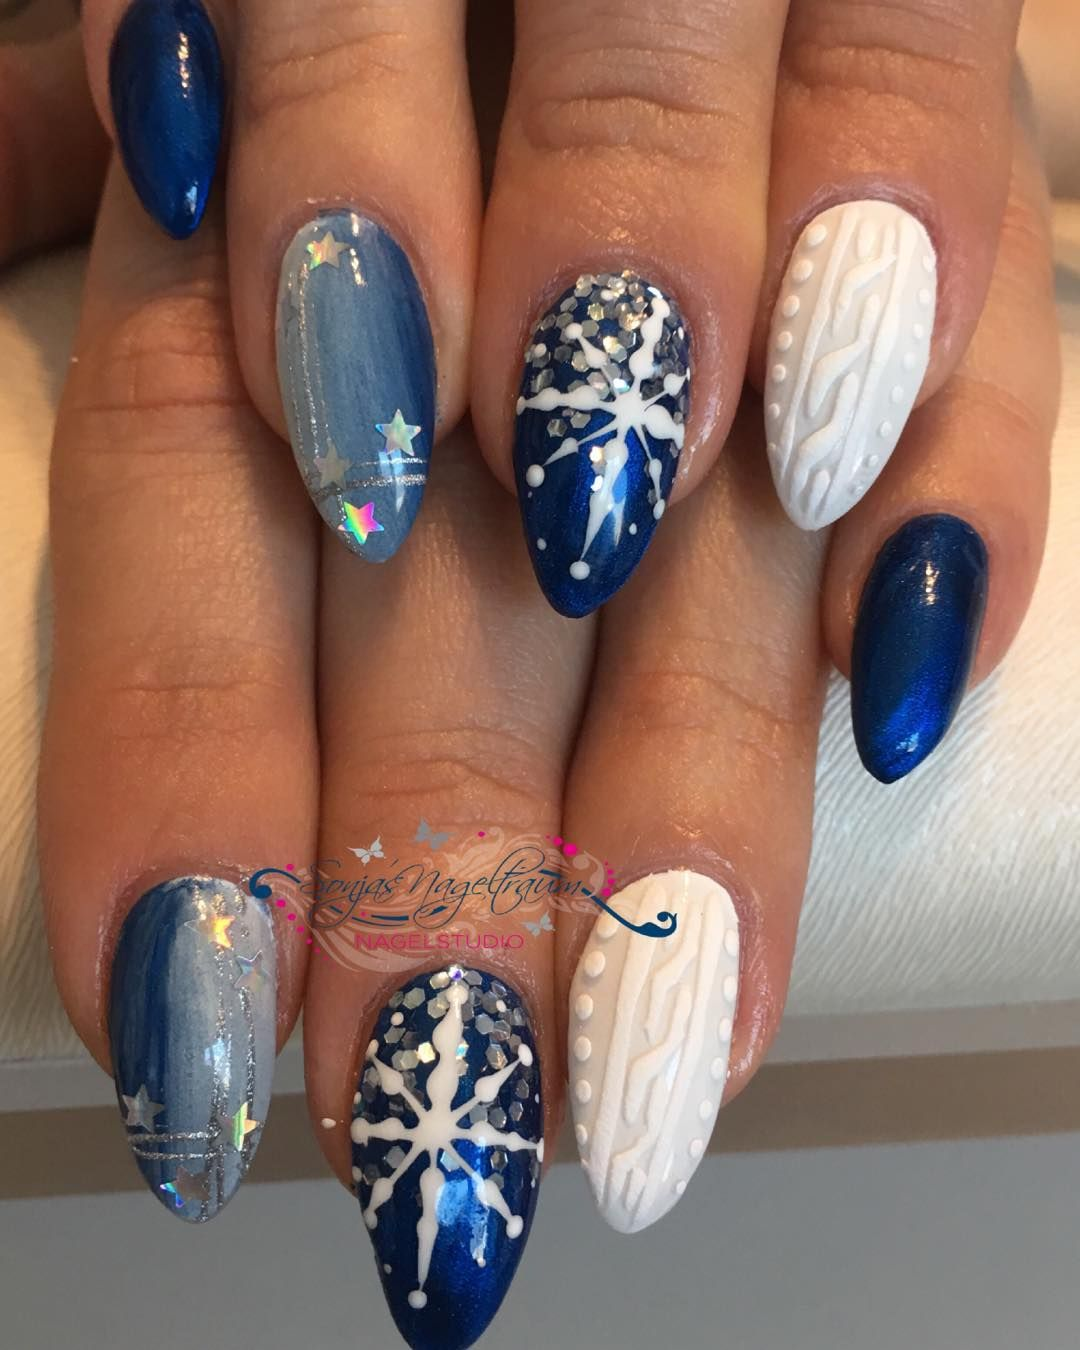 # # Clous d'hiver clous de Noël # # # Glitter flocon de neige modèle tricot # # Gelnägeldesign Alors ...  #Alors #clous #d39hiver #de #flocon #Gelnägeldesign #glitter #modèle #neige #Noël #tricot #neiged#39;hiver